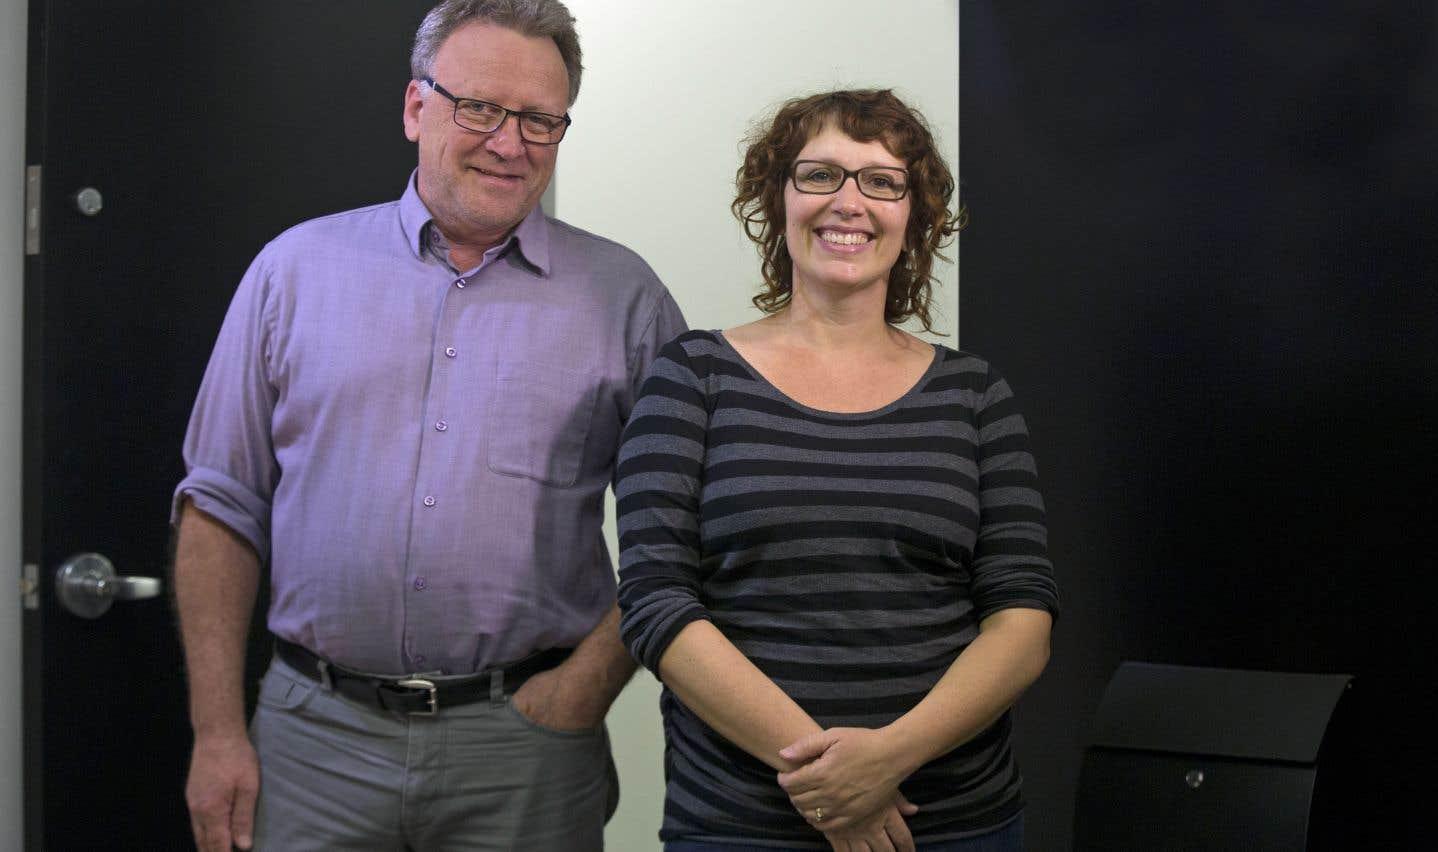 Gilles Renaud, directeur général d'Ateliers créatifs Montréal, et Stéphanie Beaulieu, présidente de Pied Carré, se sont lancés dans une opération de la dernière chance.